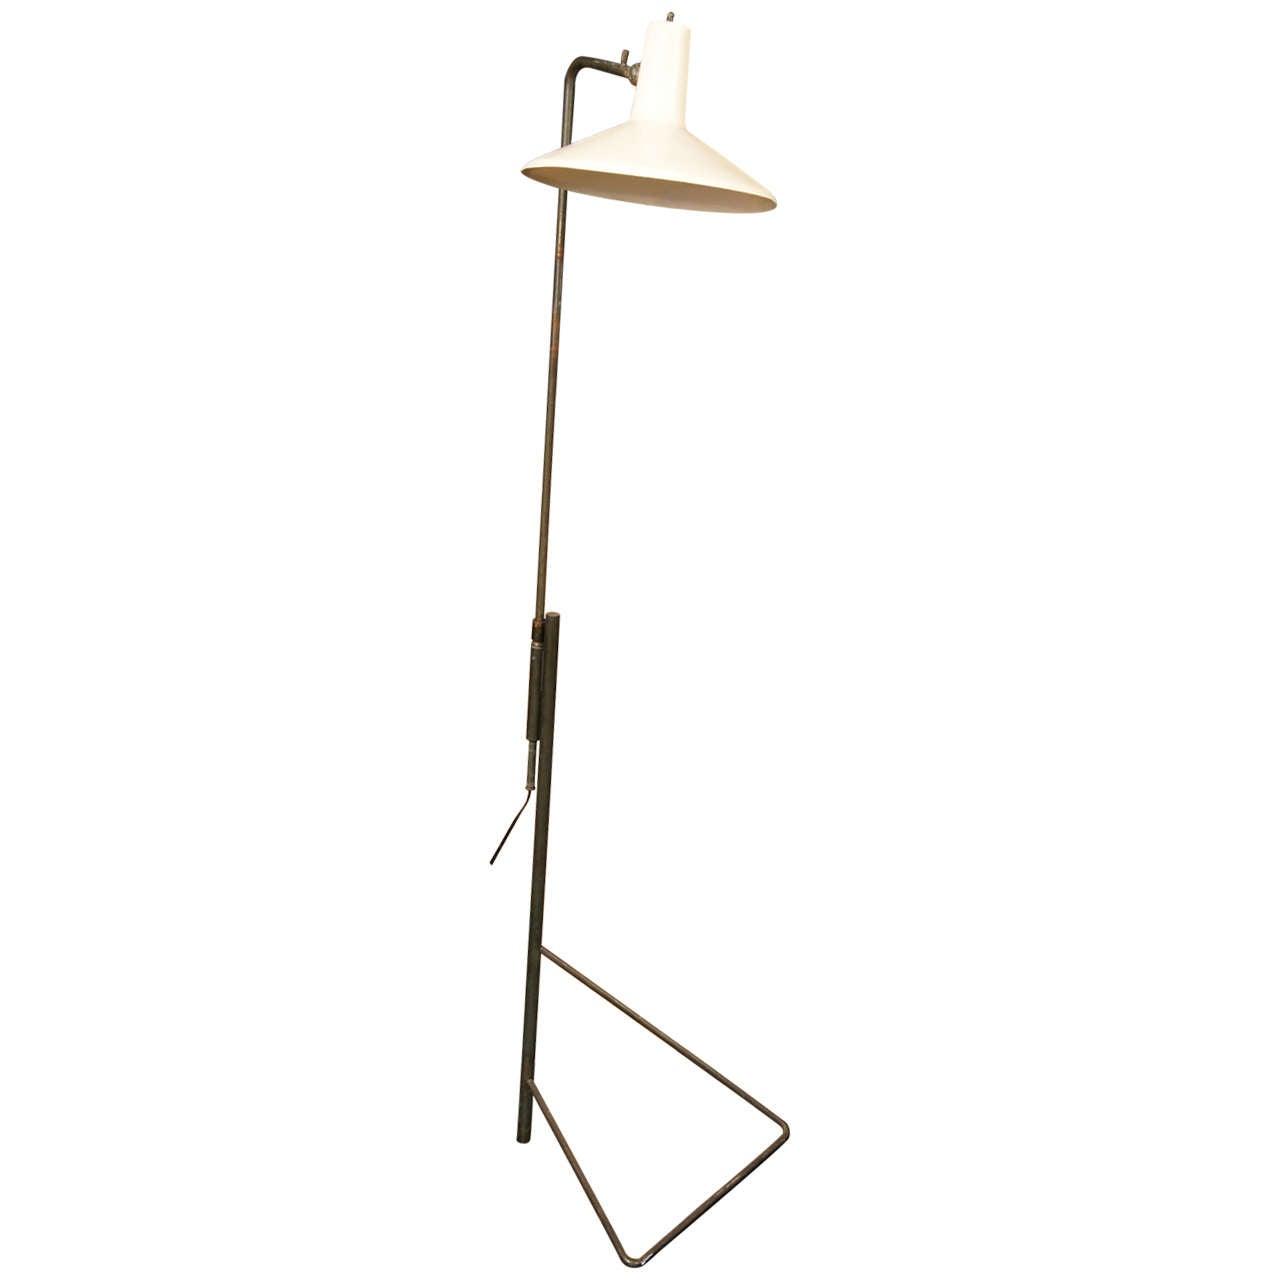 Wall Hugger Floor Lamp : Adjustable Knoll Floor or Wall Lamp at 1stdibs